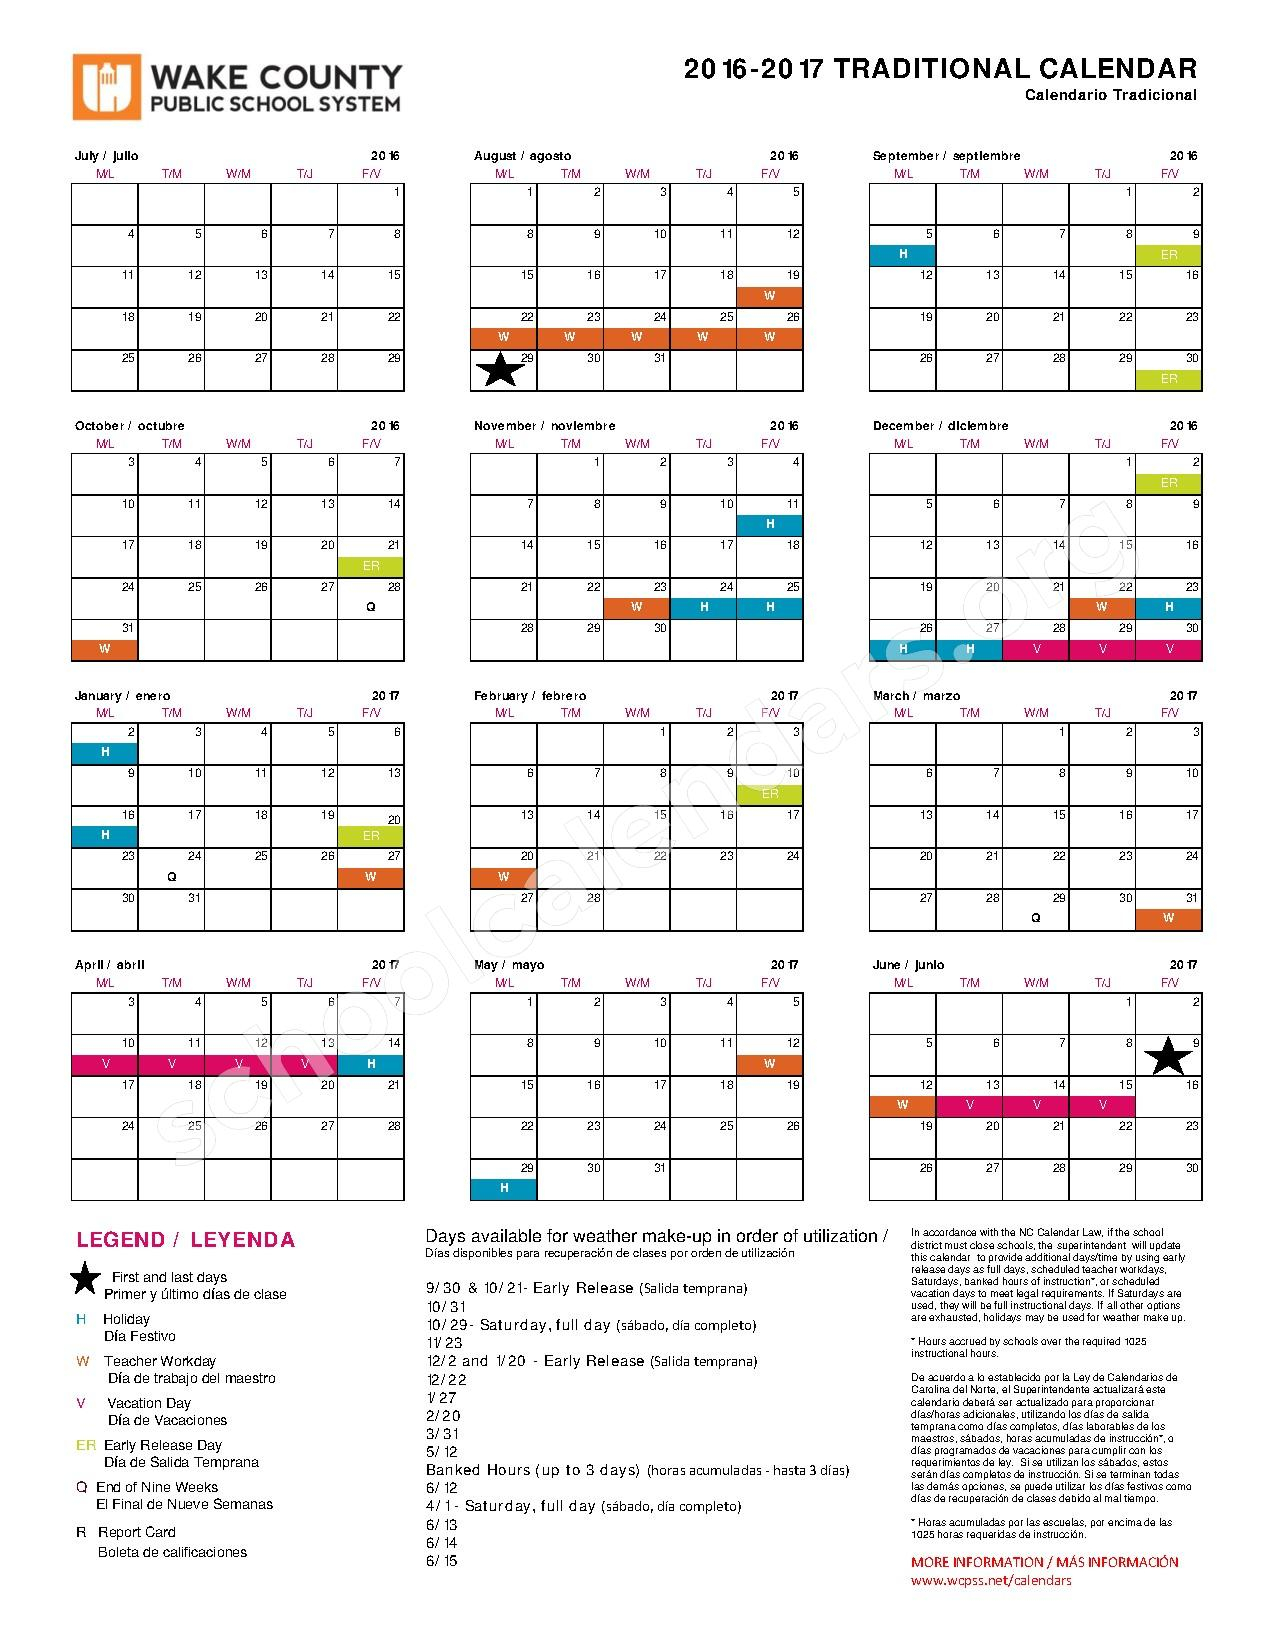 2016 - 2017 Traditional Calendar | Wake County Public School Intended For Wake County School System Calendars